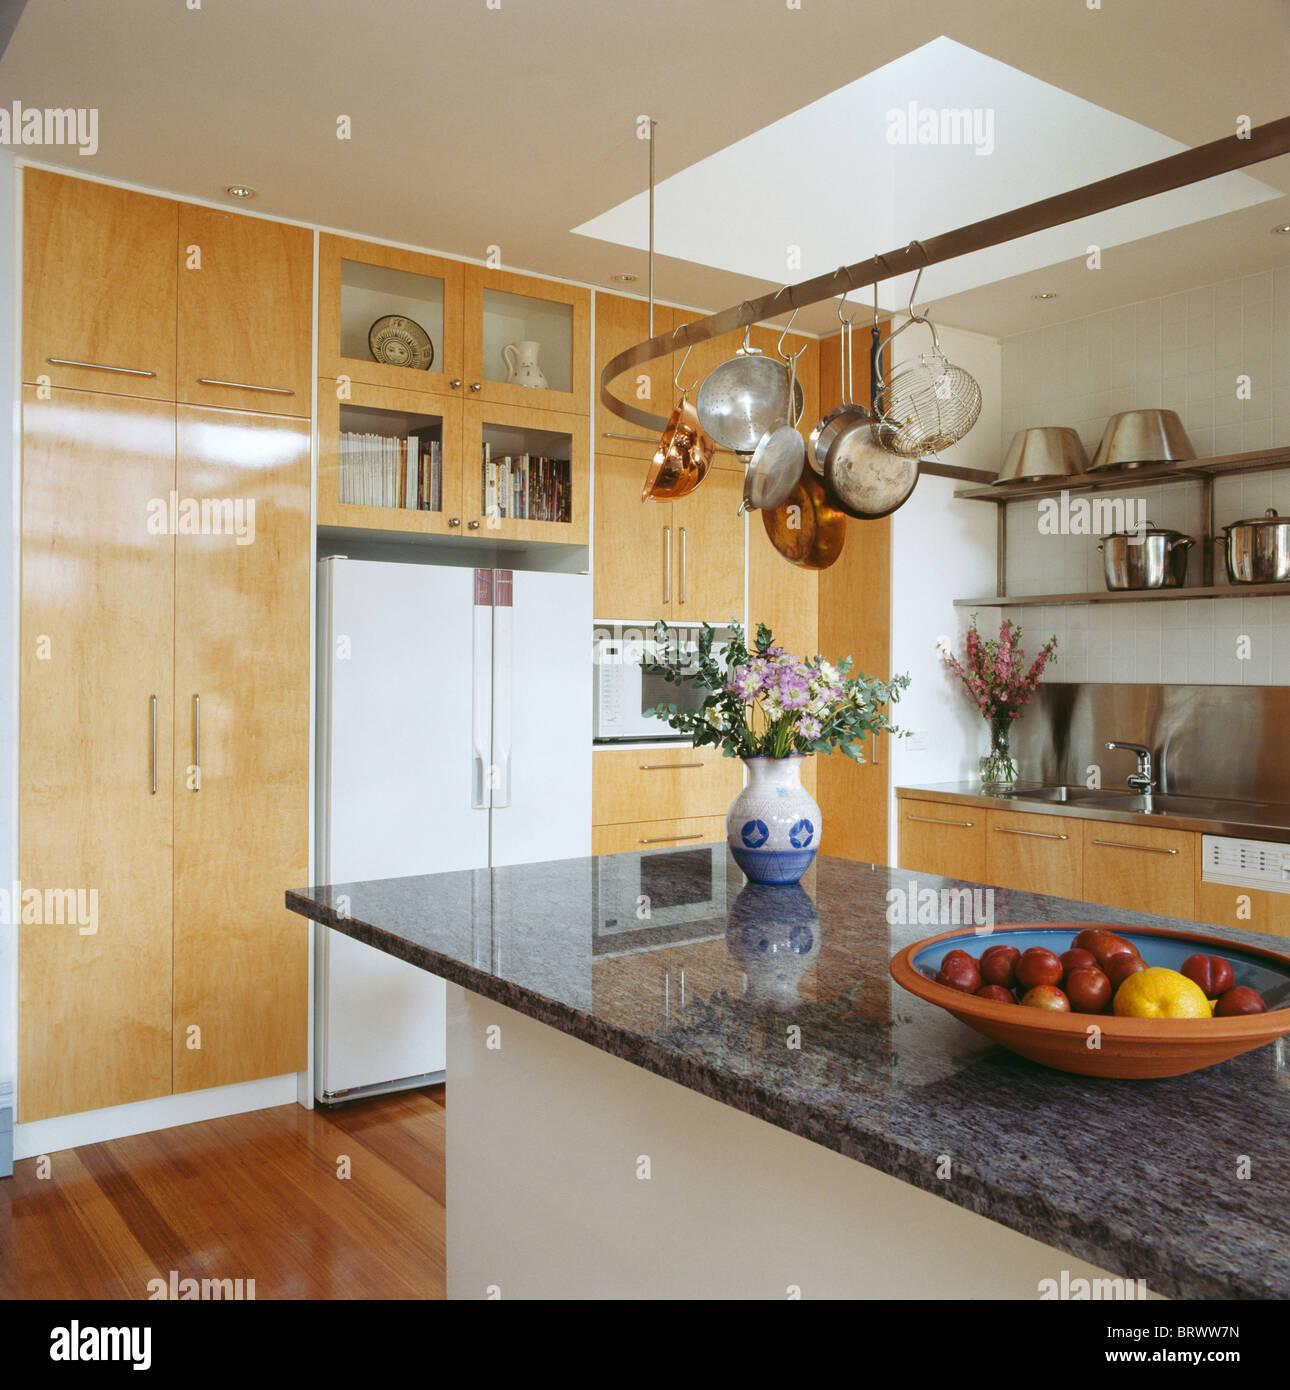 Bancada De Granito Preto Na Ilha Unidade Na Cozinha Moderna Com